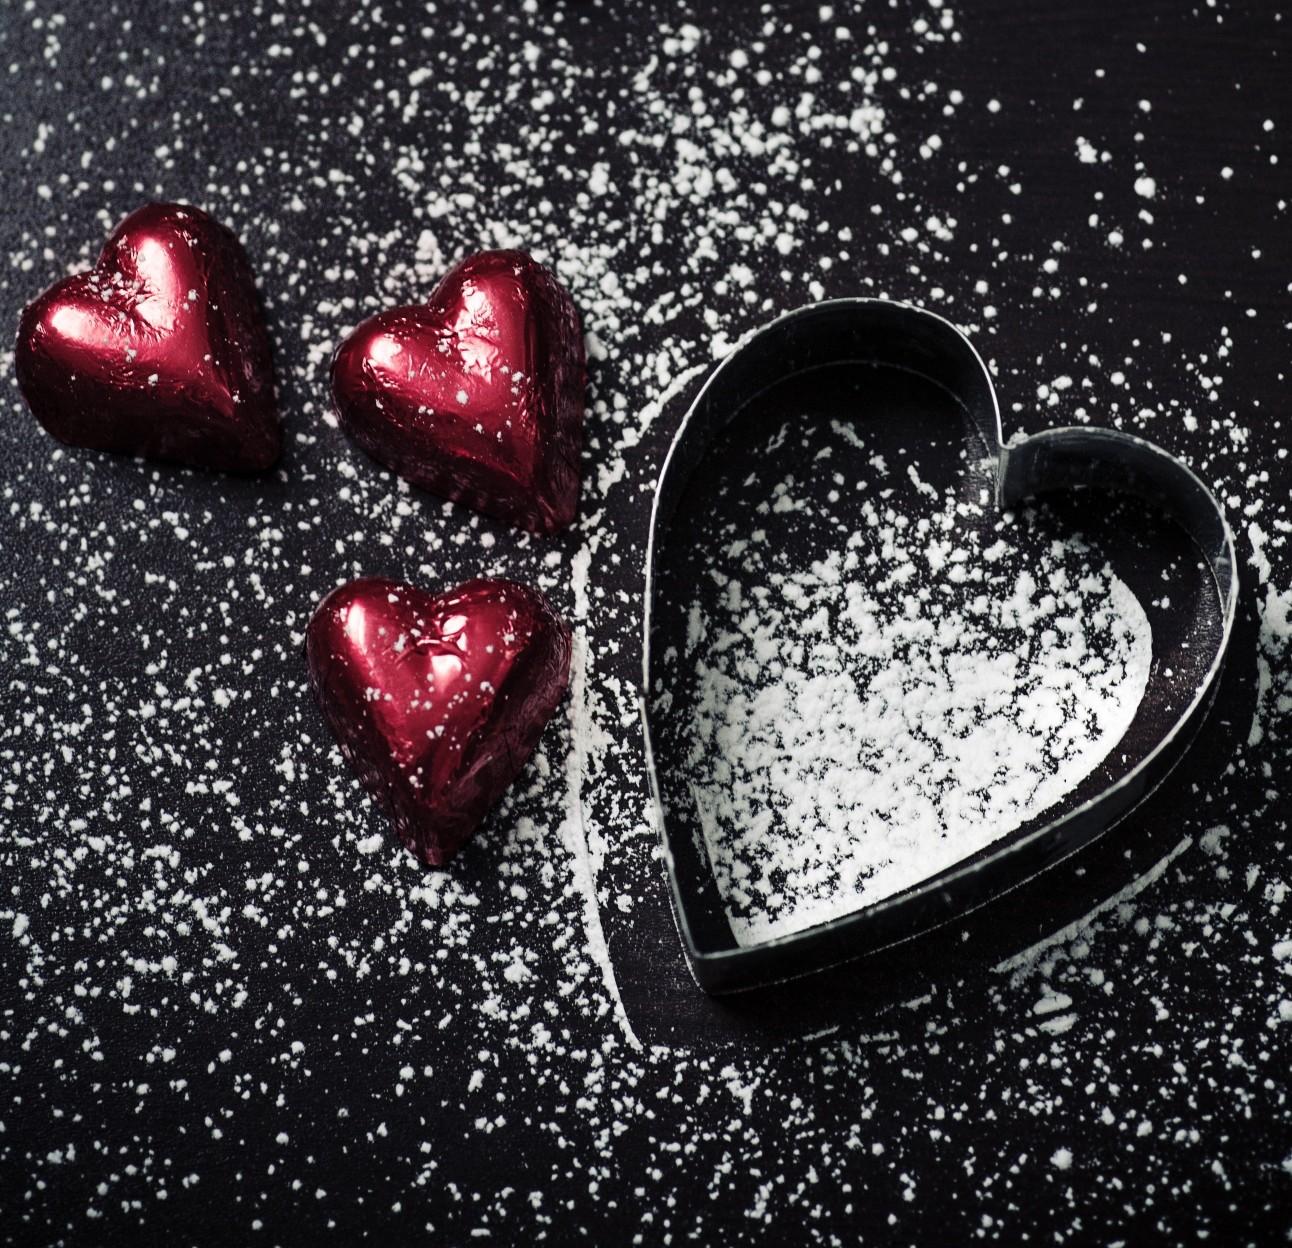 巧克力經常被當成情人節禮物的首選